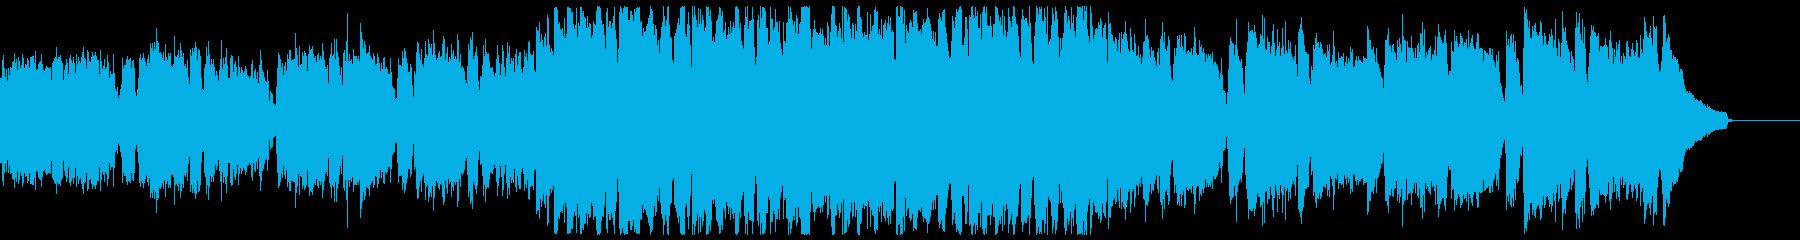 大人な夏のアバンチュール・オープニングの再生済みの波形